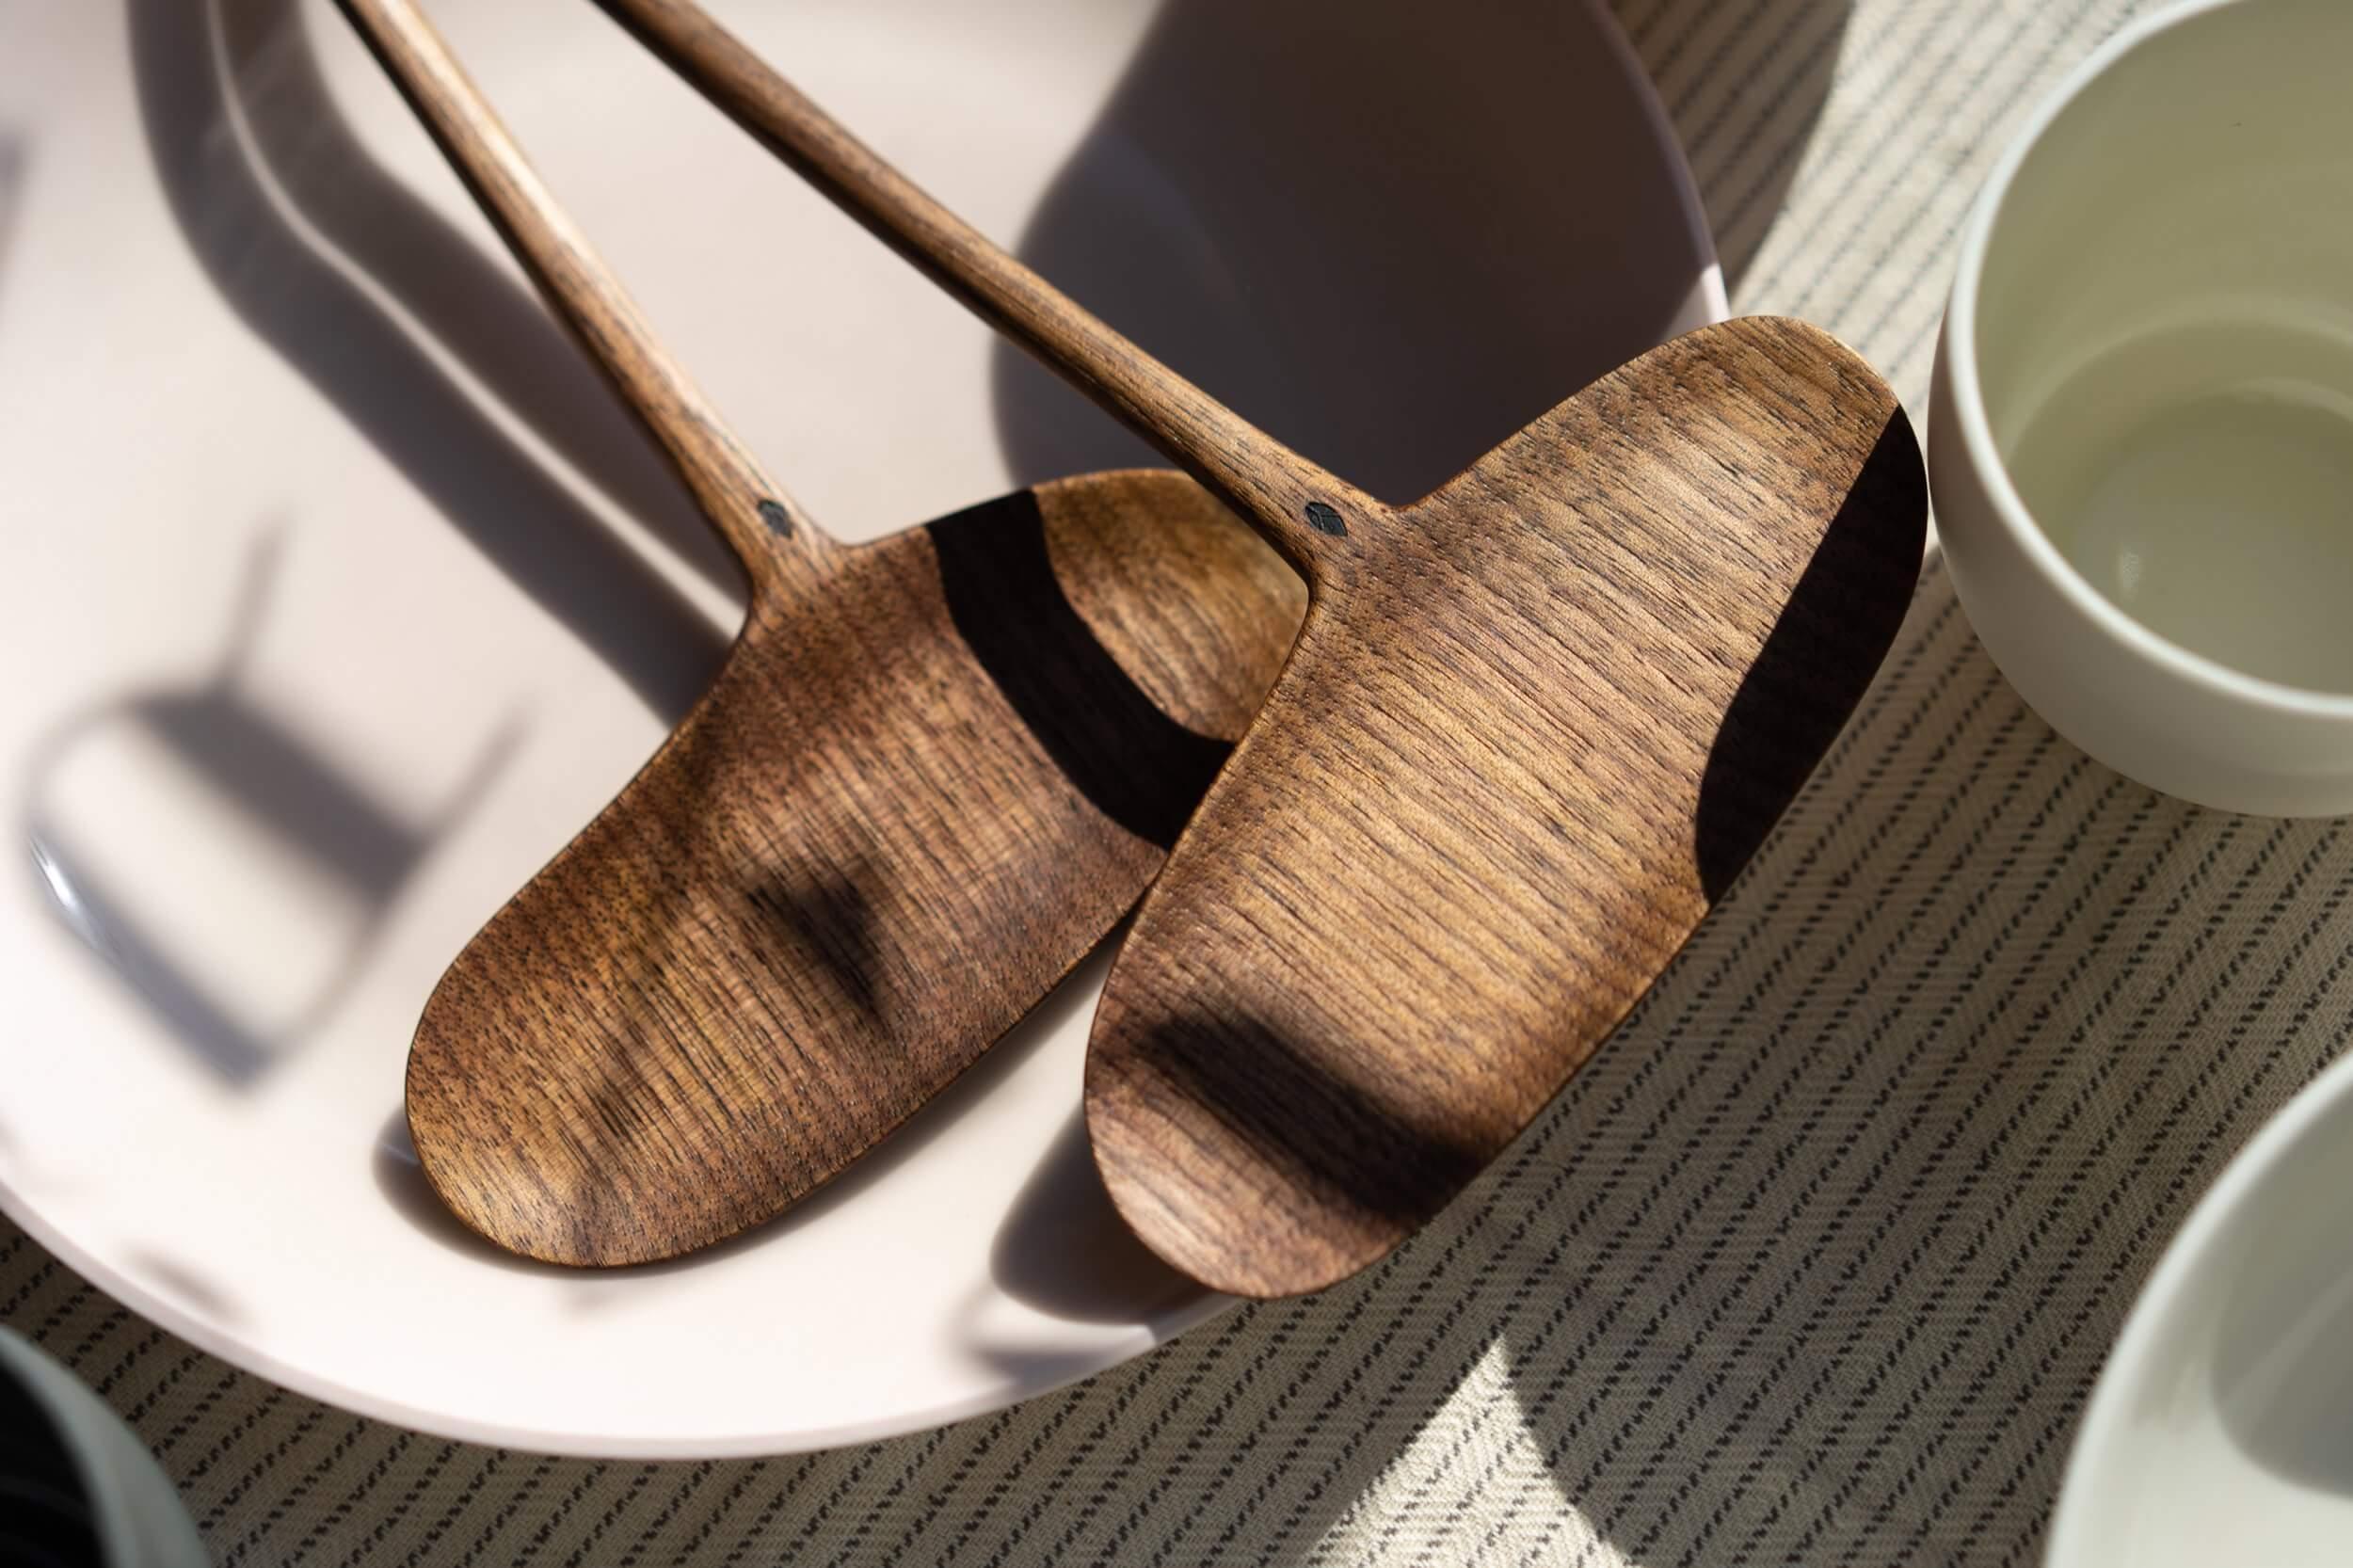 Cuillères en bois de noyer créée par Guy Lemyre